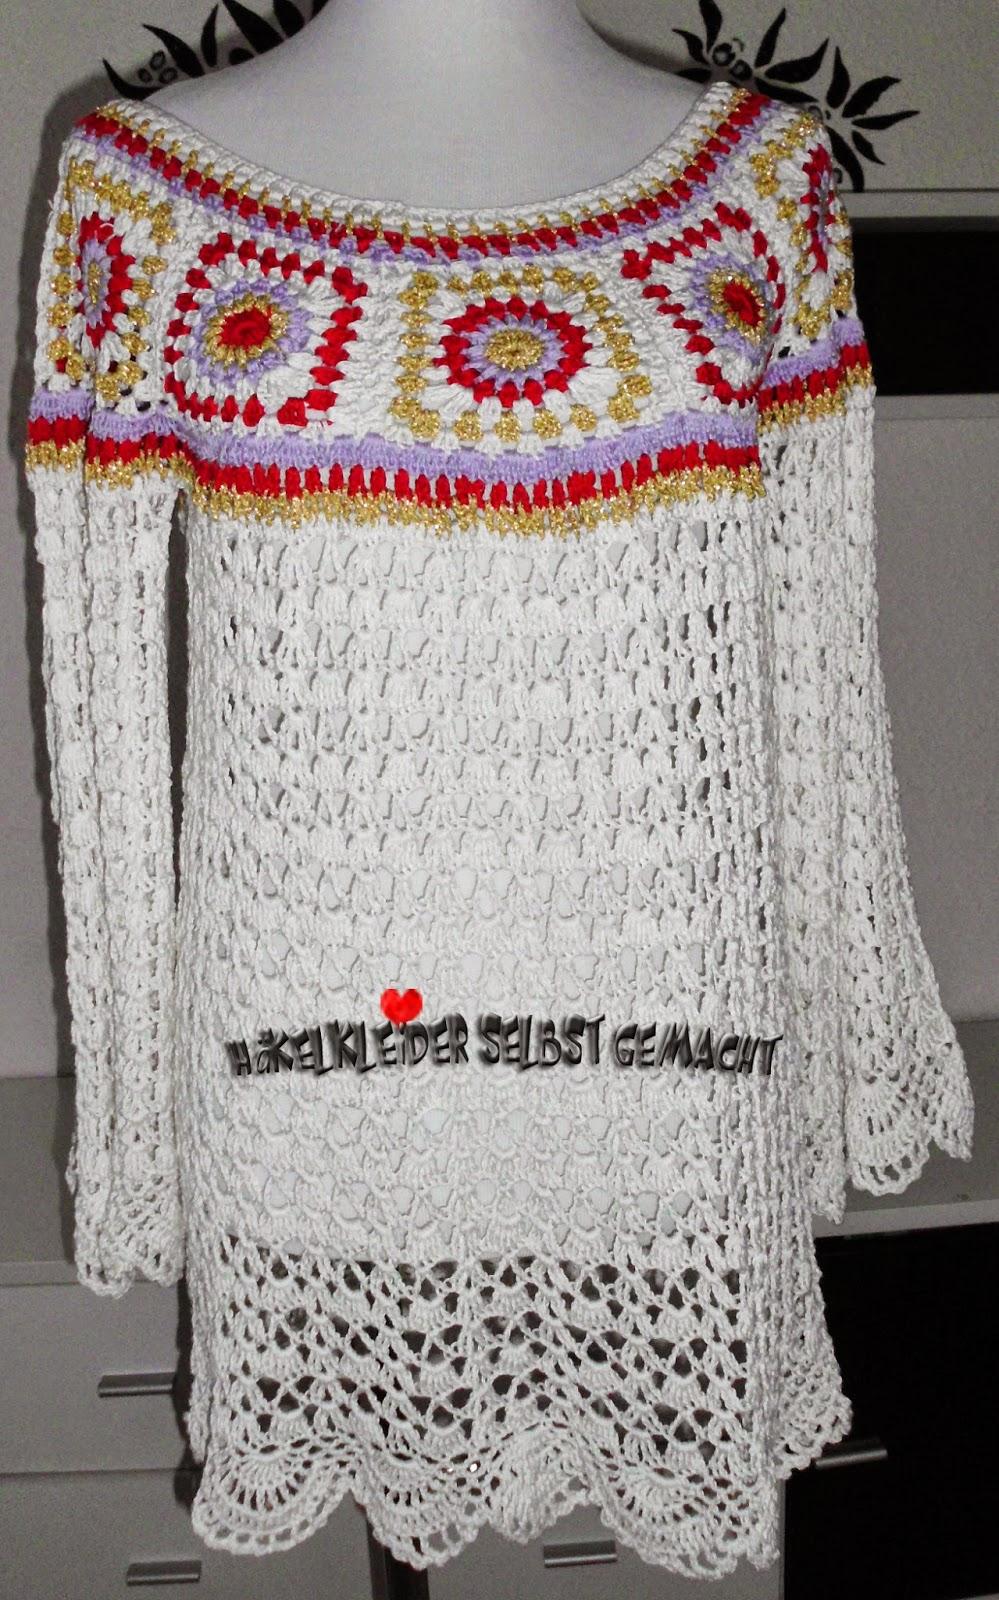 Häkelkleider selbst gemacht: Hippie Häkelkleid